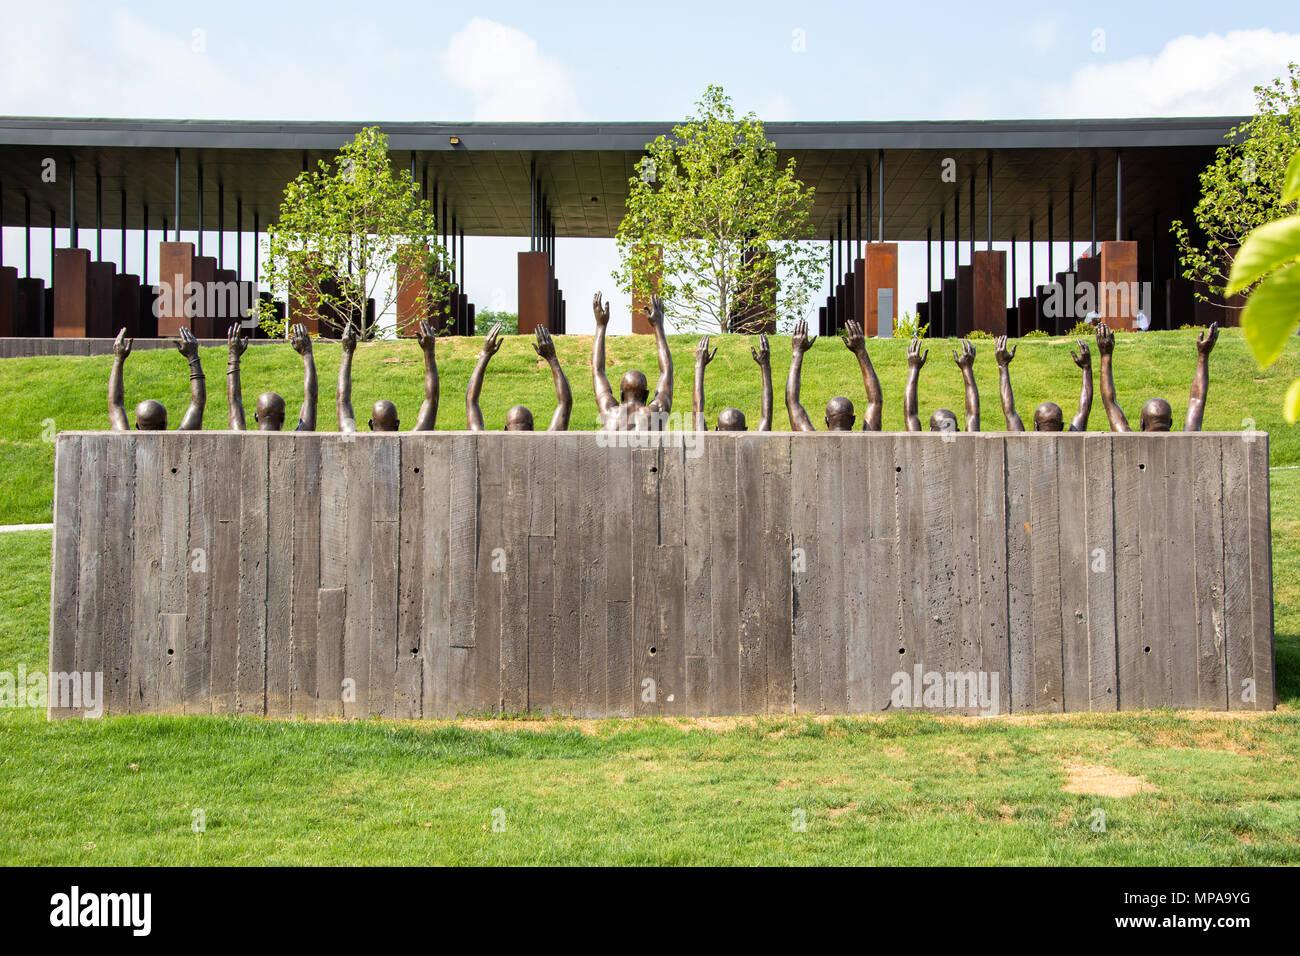 Levantarse por Hank Willis Thomas, 2016, el Memorial Nacional por la paz y la justicia o linchamiento Nacional Memorial, Montgomery, Alabama, EE.UU. Imagen De Stock